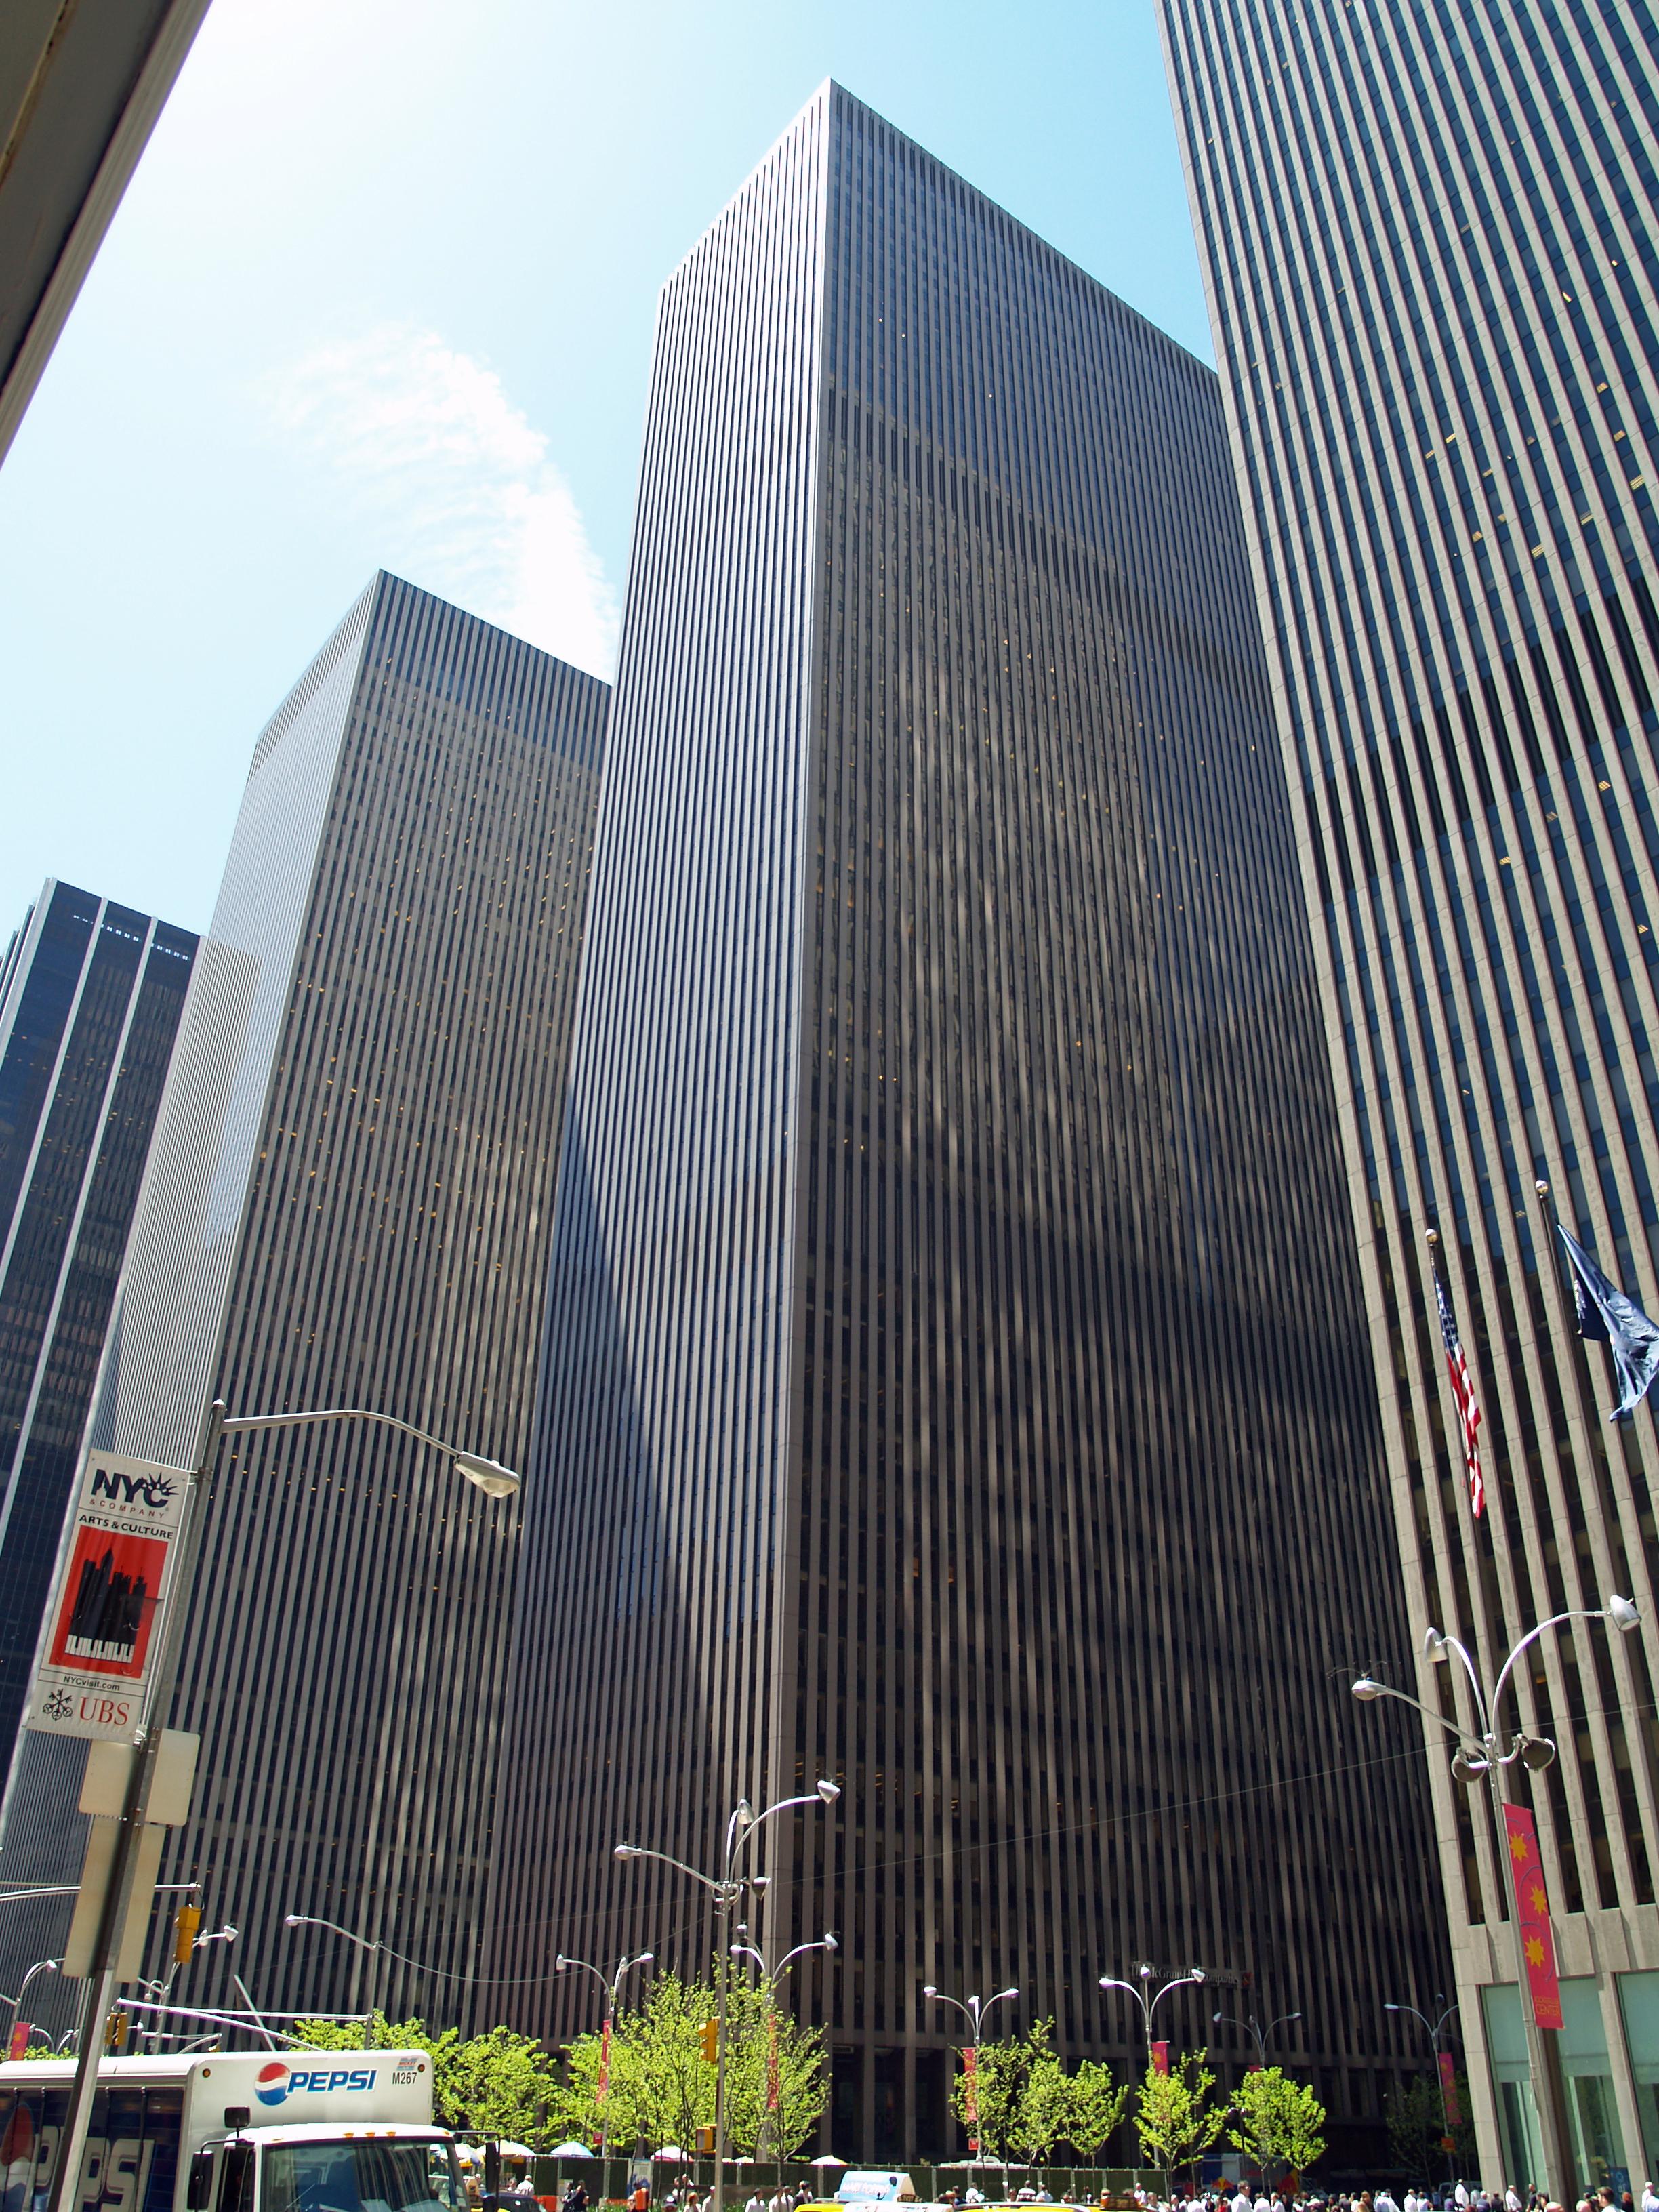 ساختمان مکگرو هیل